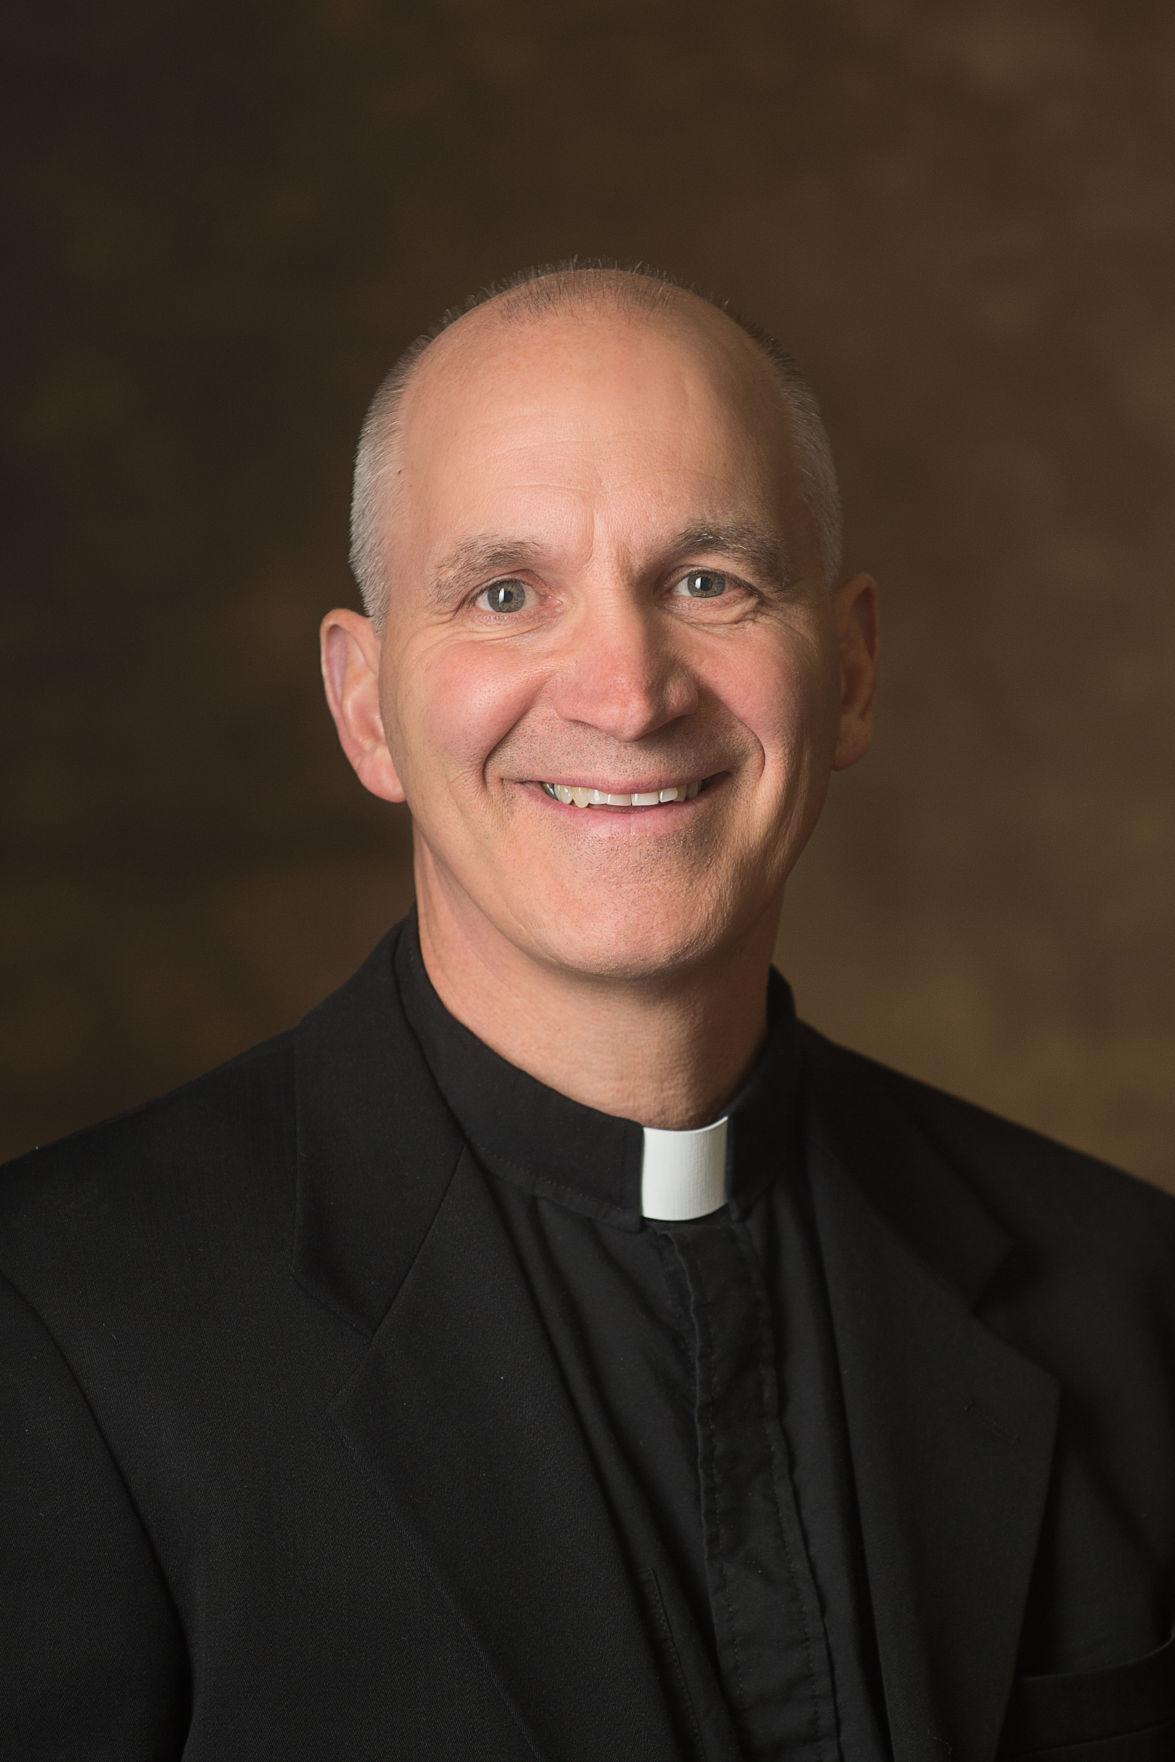 Bishop-elect Steven Biegler